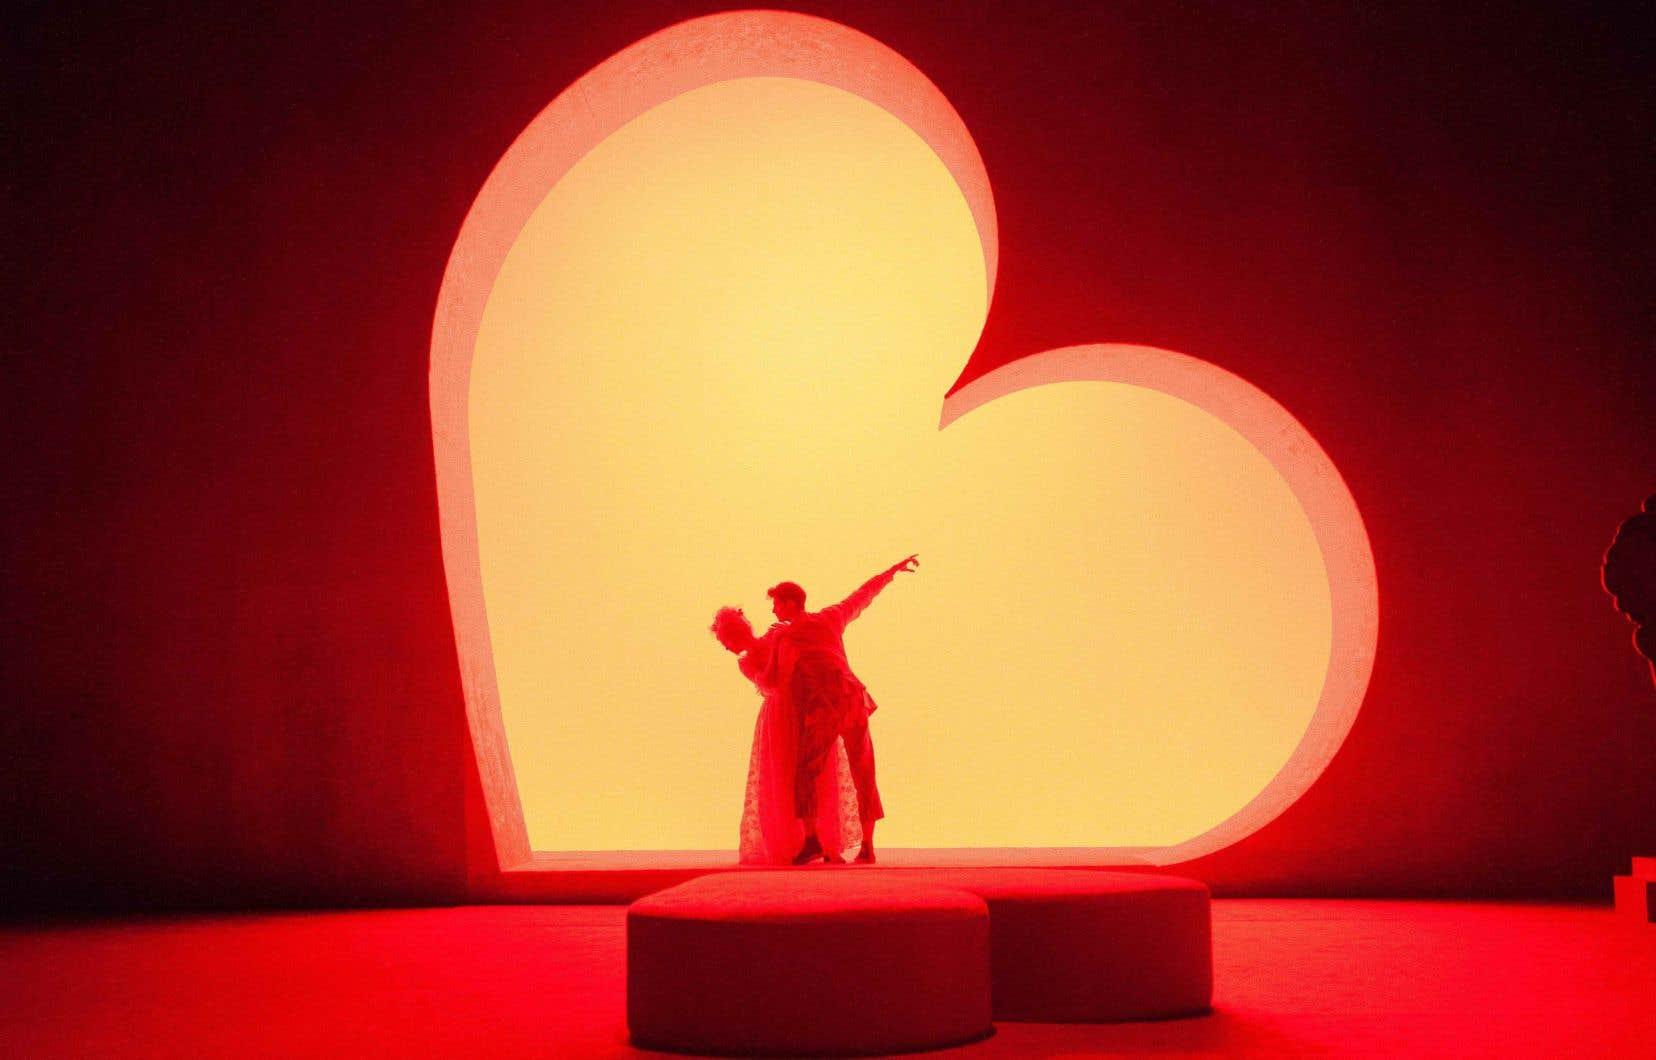 Prenant l'immortalité du sentiment amoureux comme fil rouge, l'esthétique adoptée par la metteuse en scène et ses collaborateurs est non seulement franche, et diablement drôle, mais elle est aussi fort cohérente.